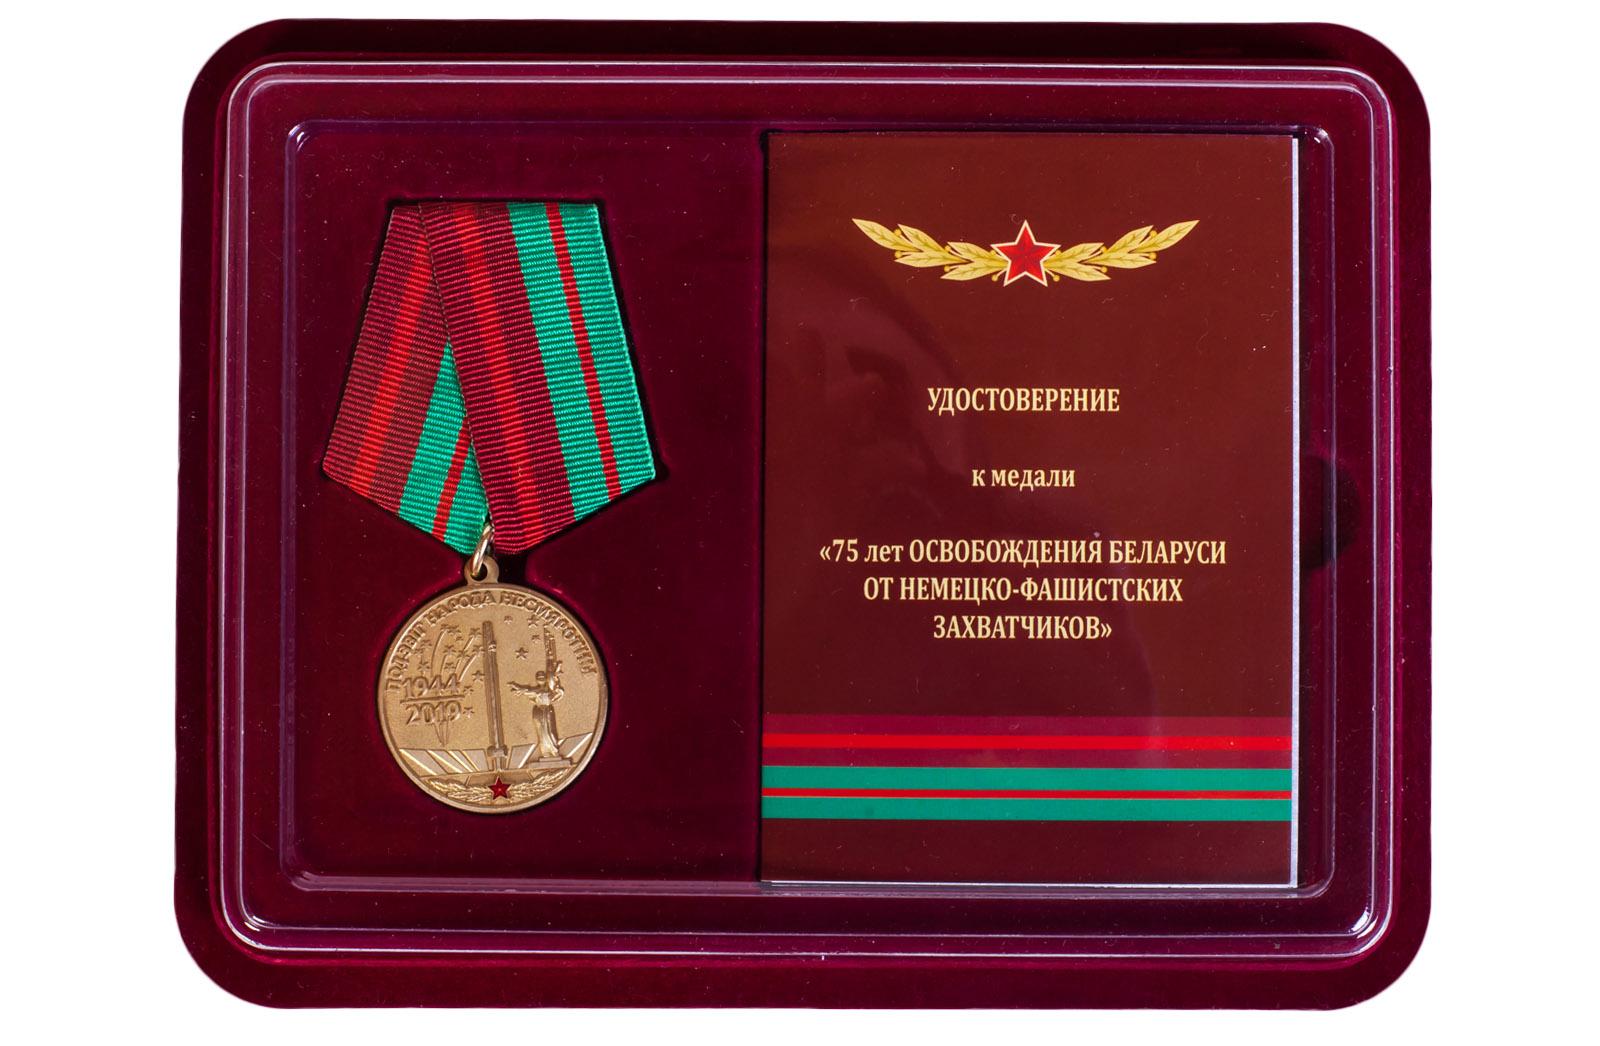 Купить латунную медаль 75 лет освобождения Беларуси от немецко-фашистских захватчиков в подарок